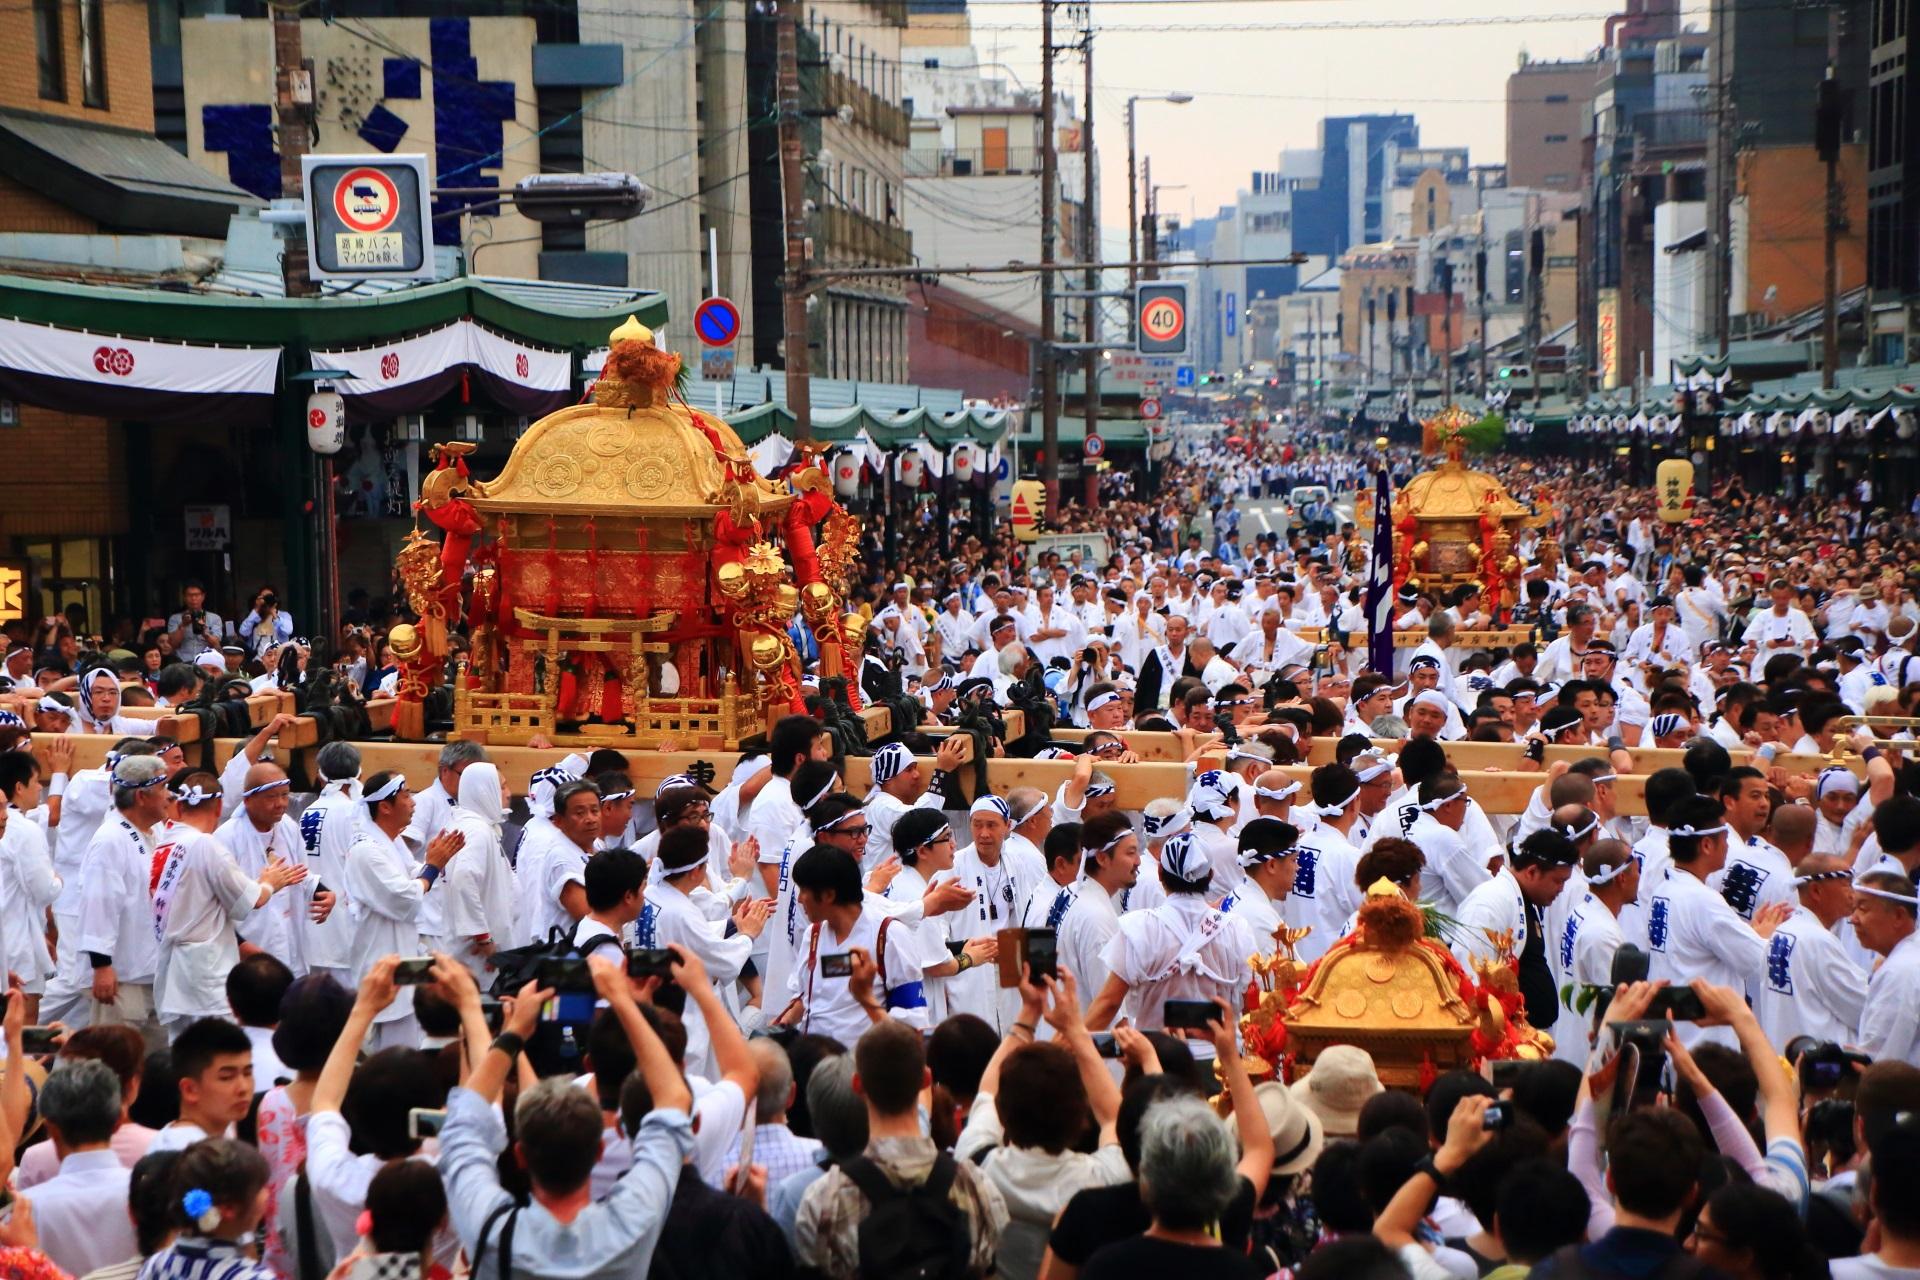 神幸祭の東御座神輿を担ぐ「四若神輿会(しわかしんよかい)」